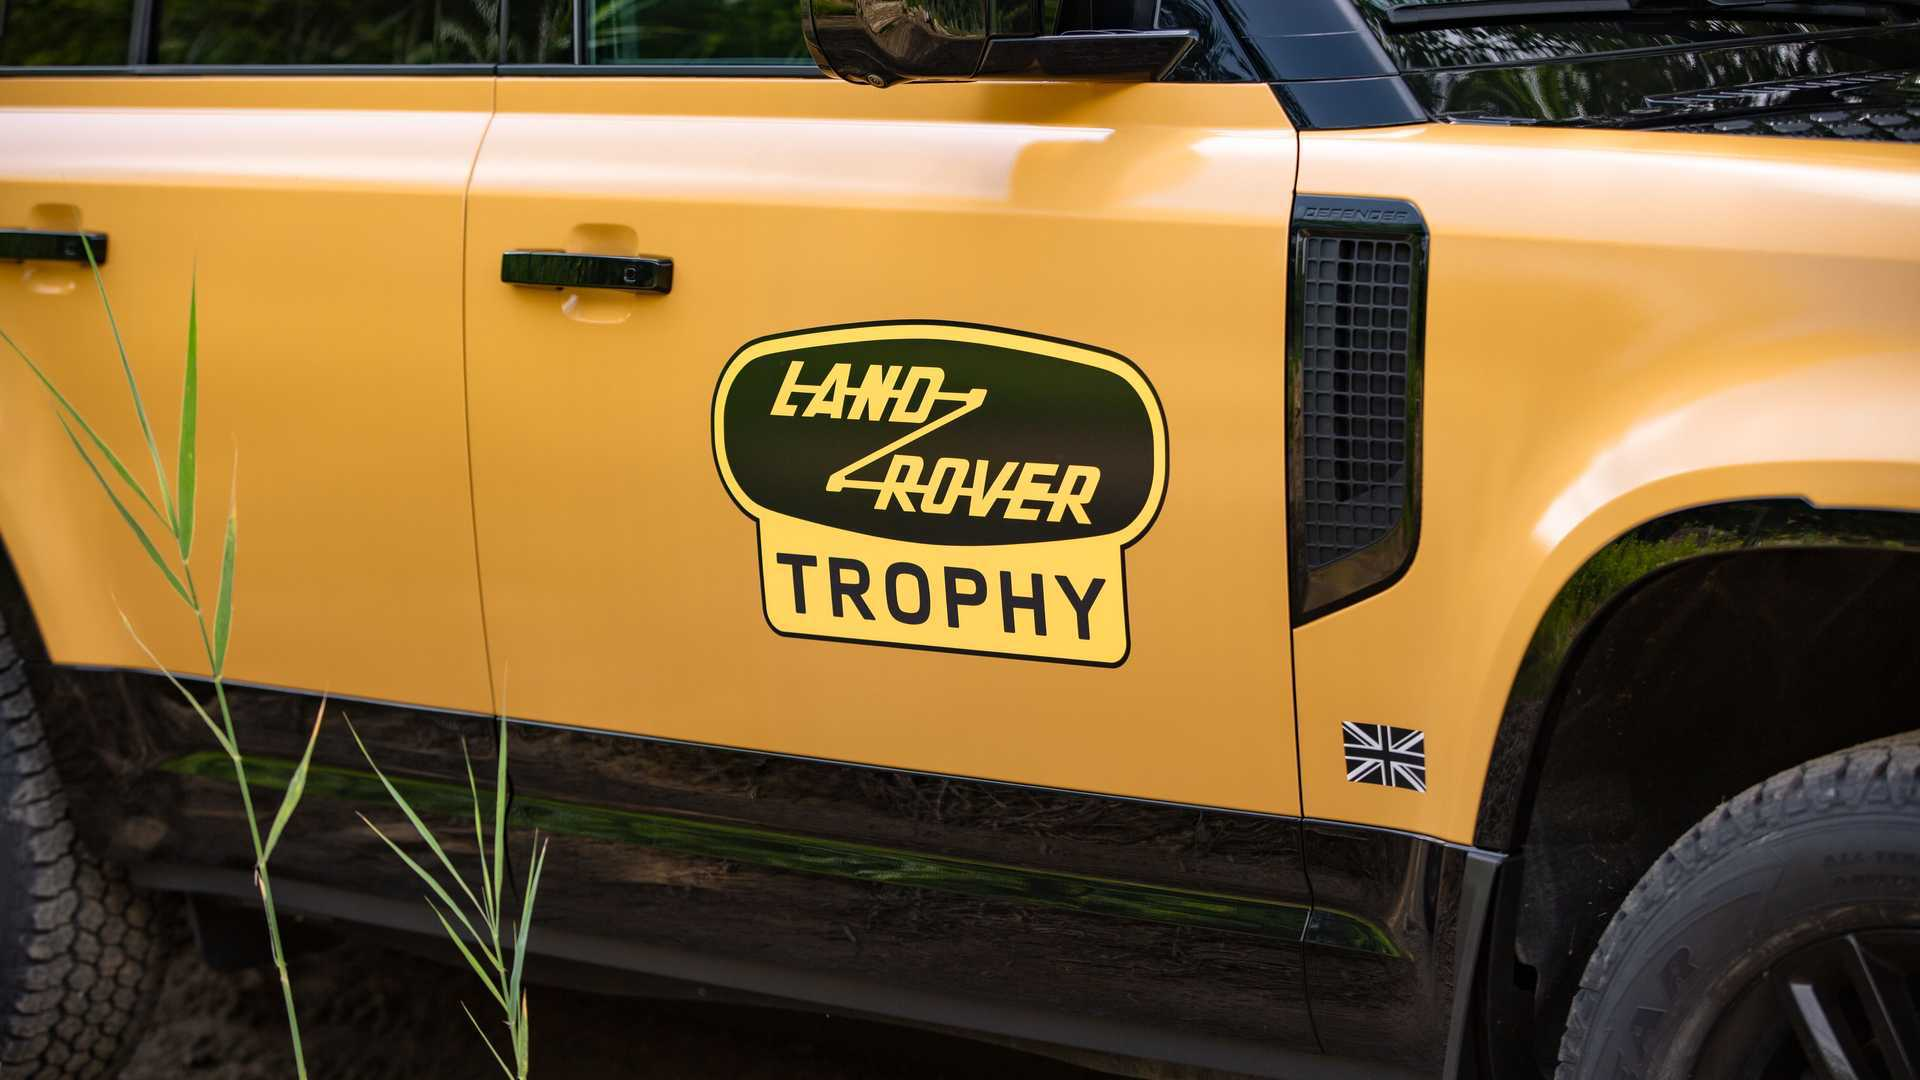 land-rover-defender-trophy-edition-badge.jpg